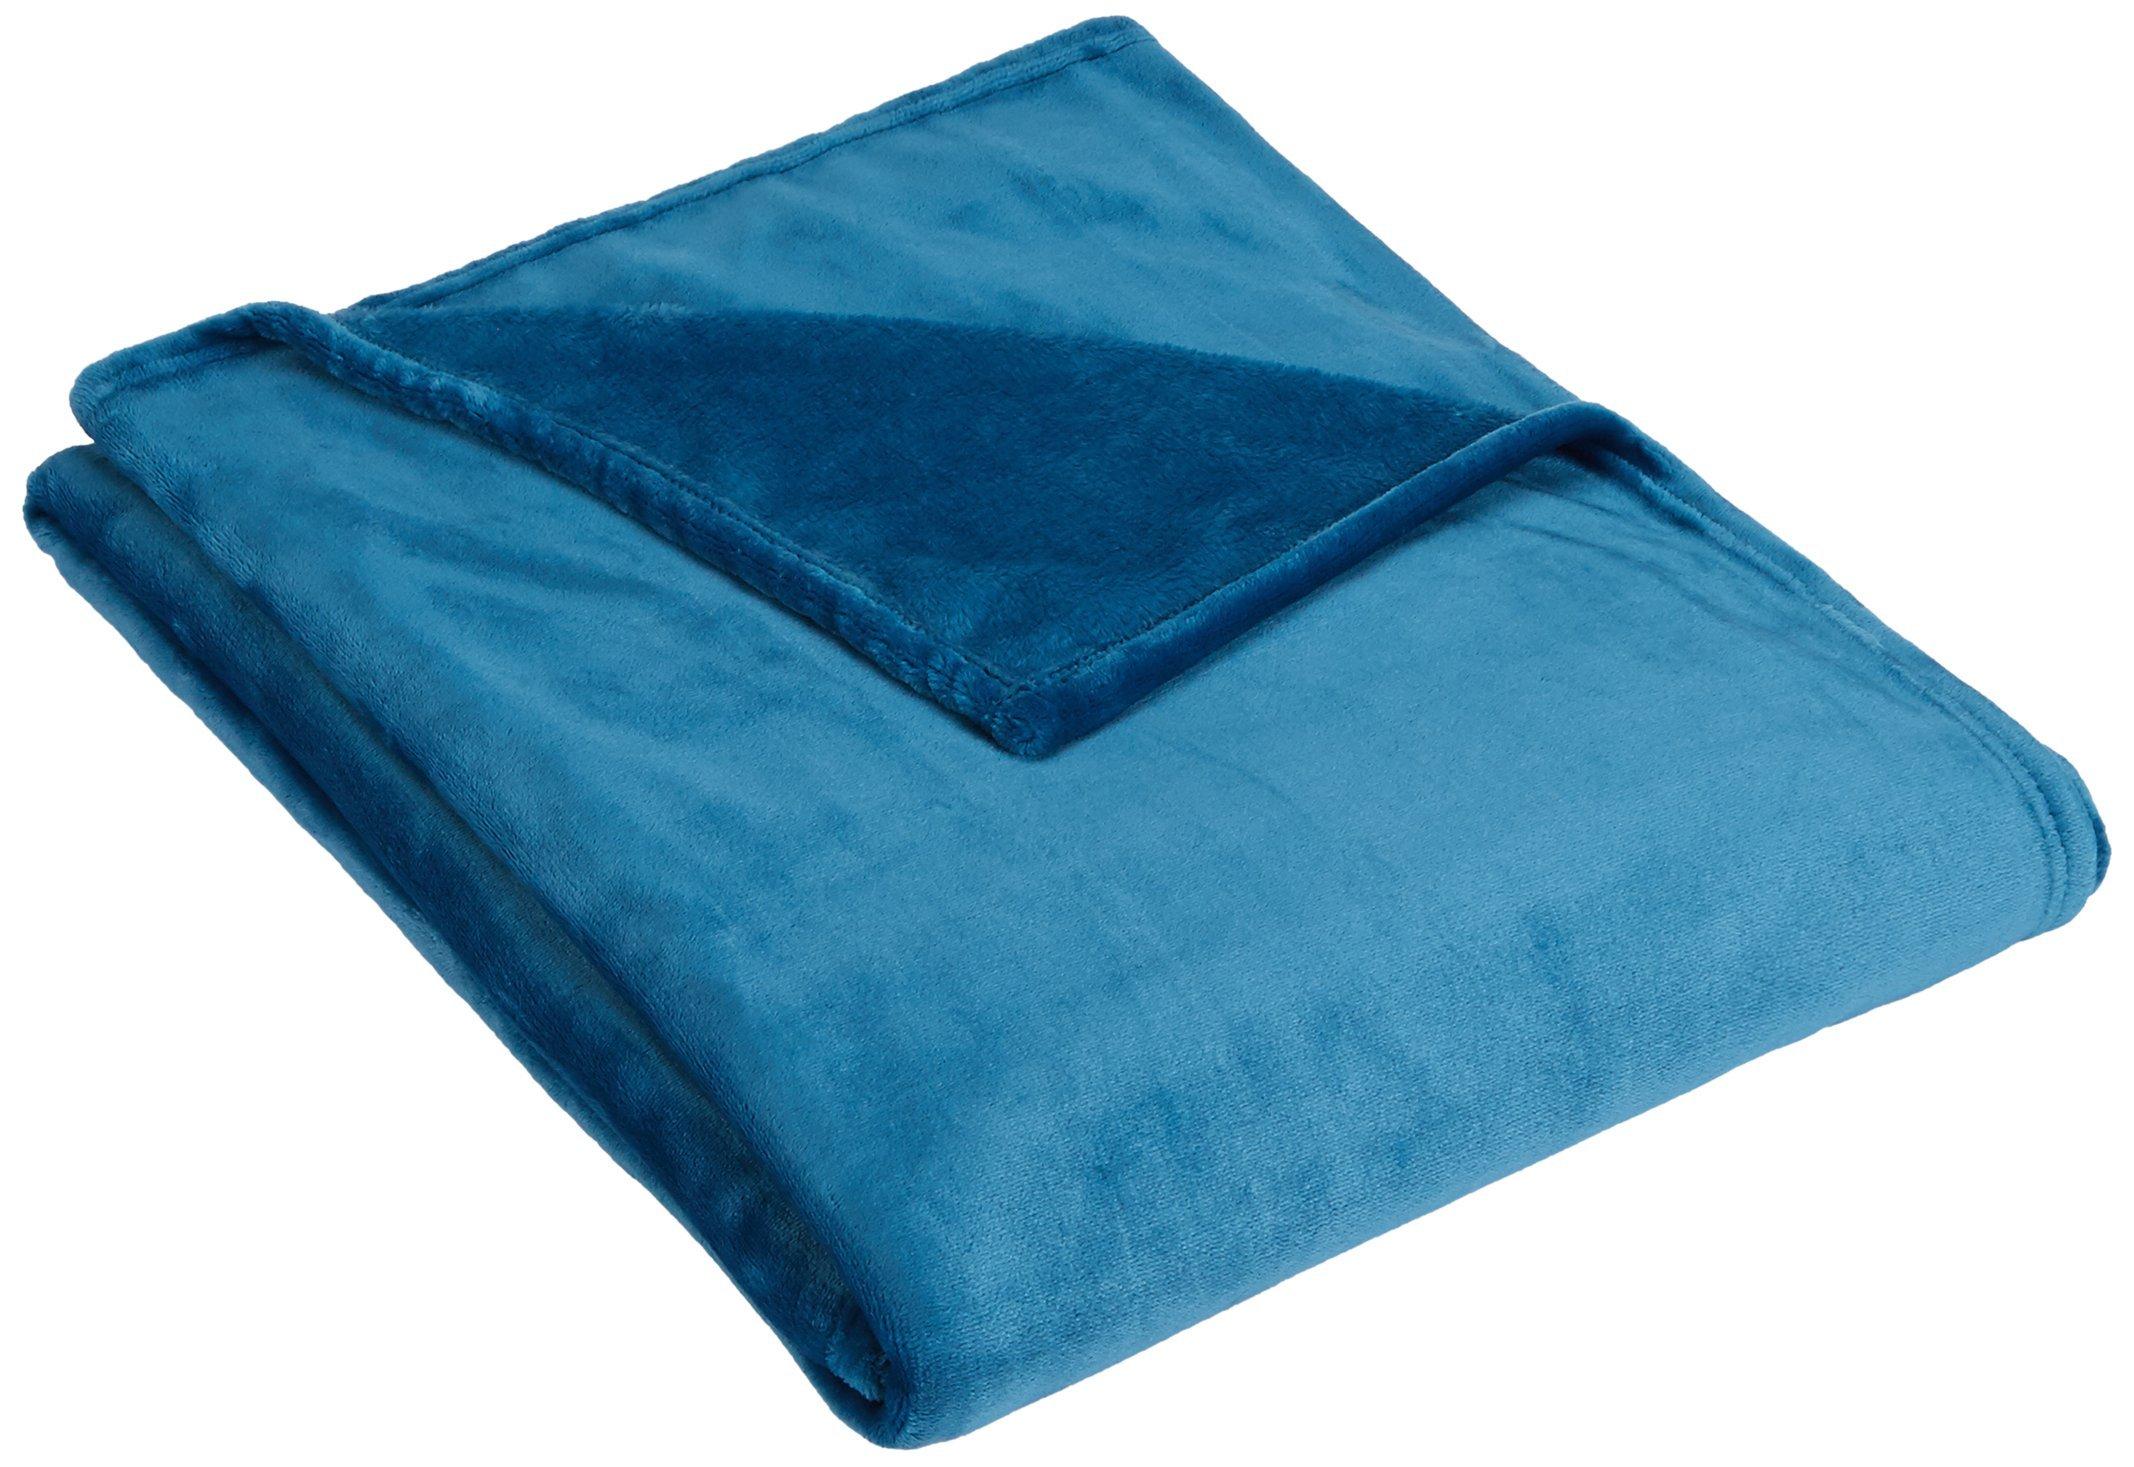 Pinzon Velvet Plush Blanket - King, Teal